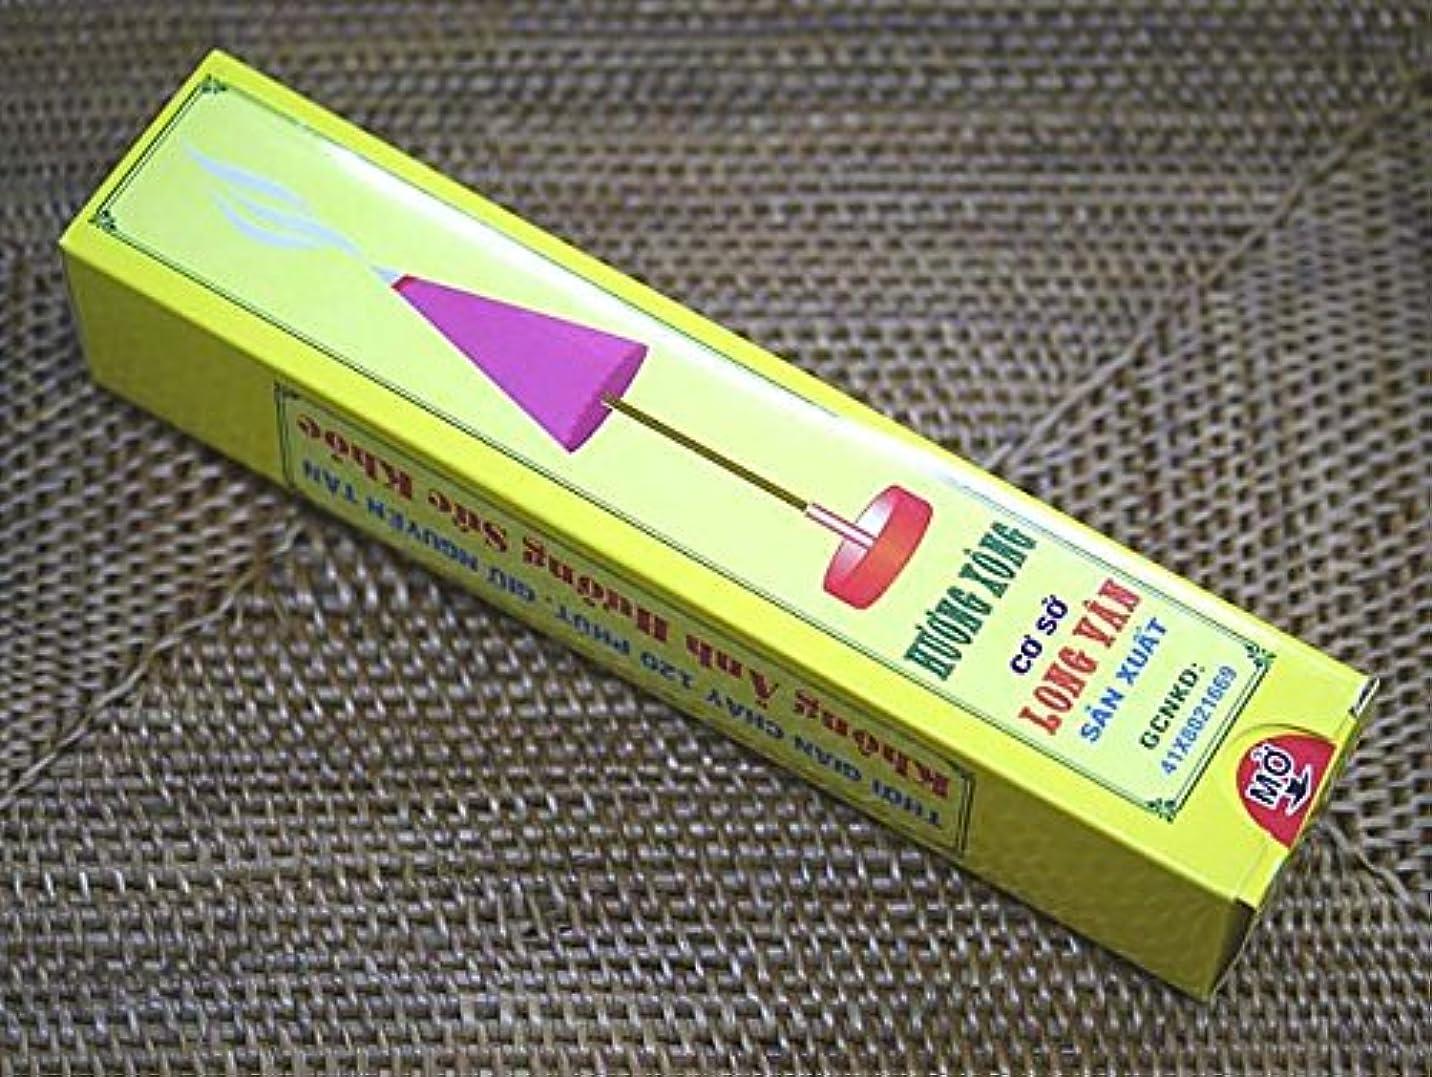 合金スペード失礼Vietnam Incense ベトナムのお香【浄化のお香HUONG XONG】家や店や会社など浄化を目的としたお香です ハンドメイド